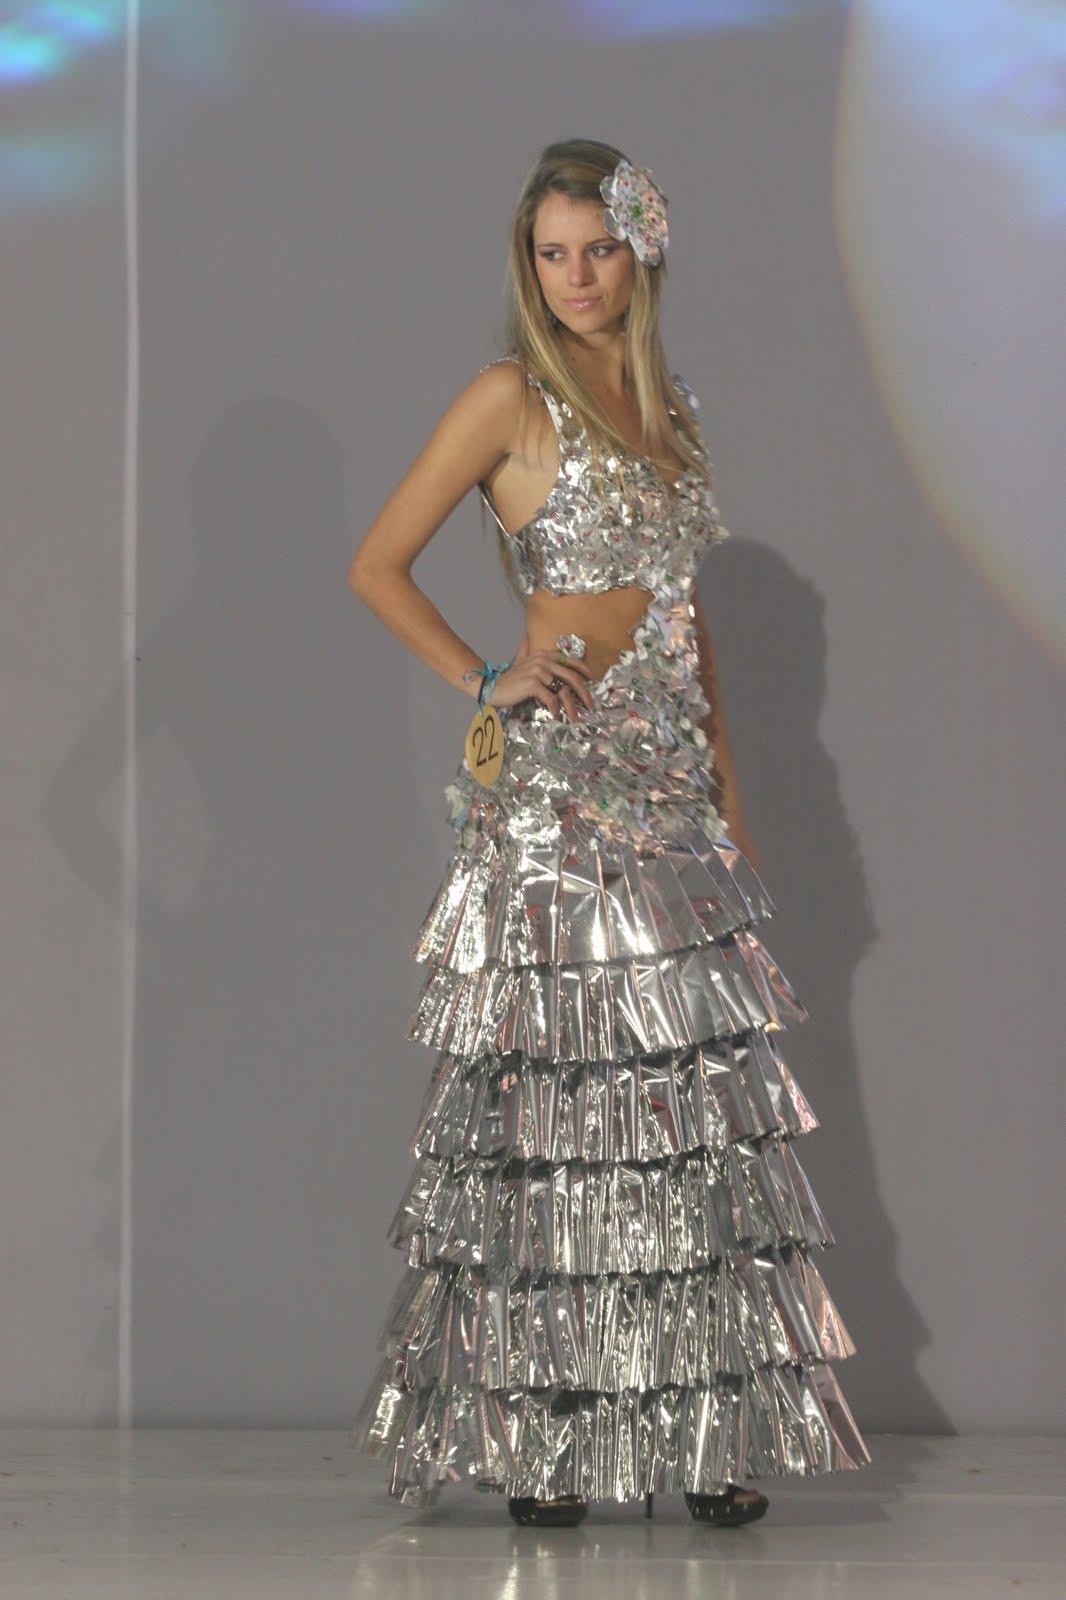 Vestidos hechos con cosas reciclables - Imagui